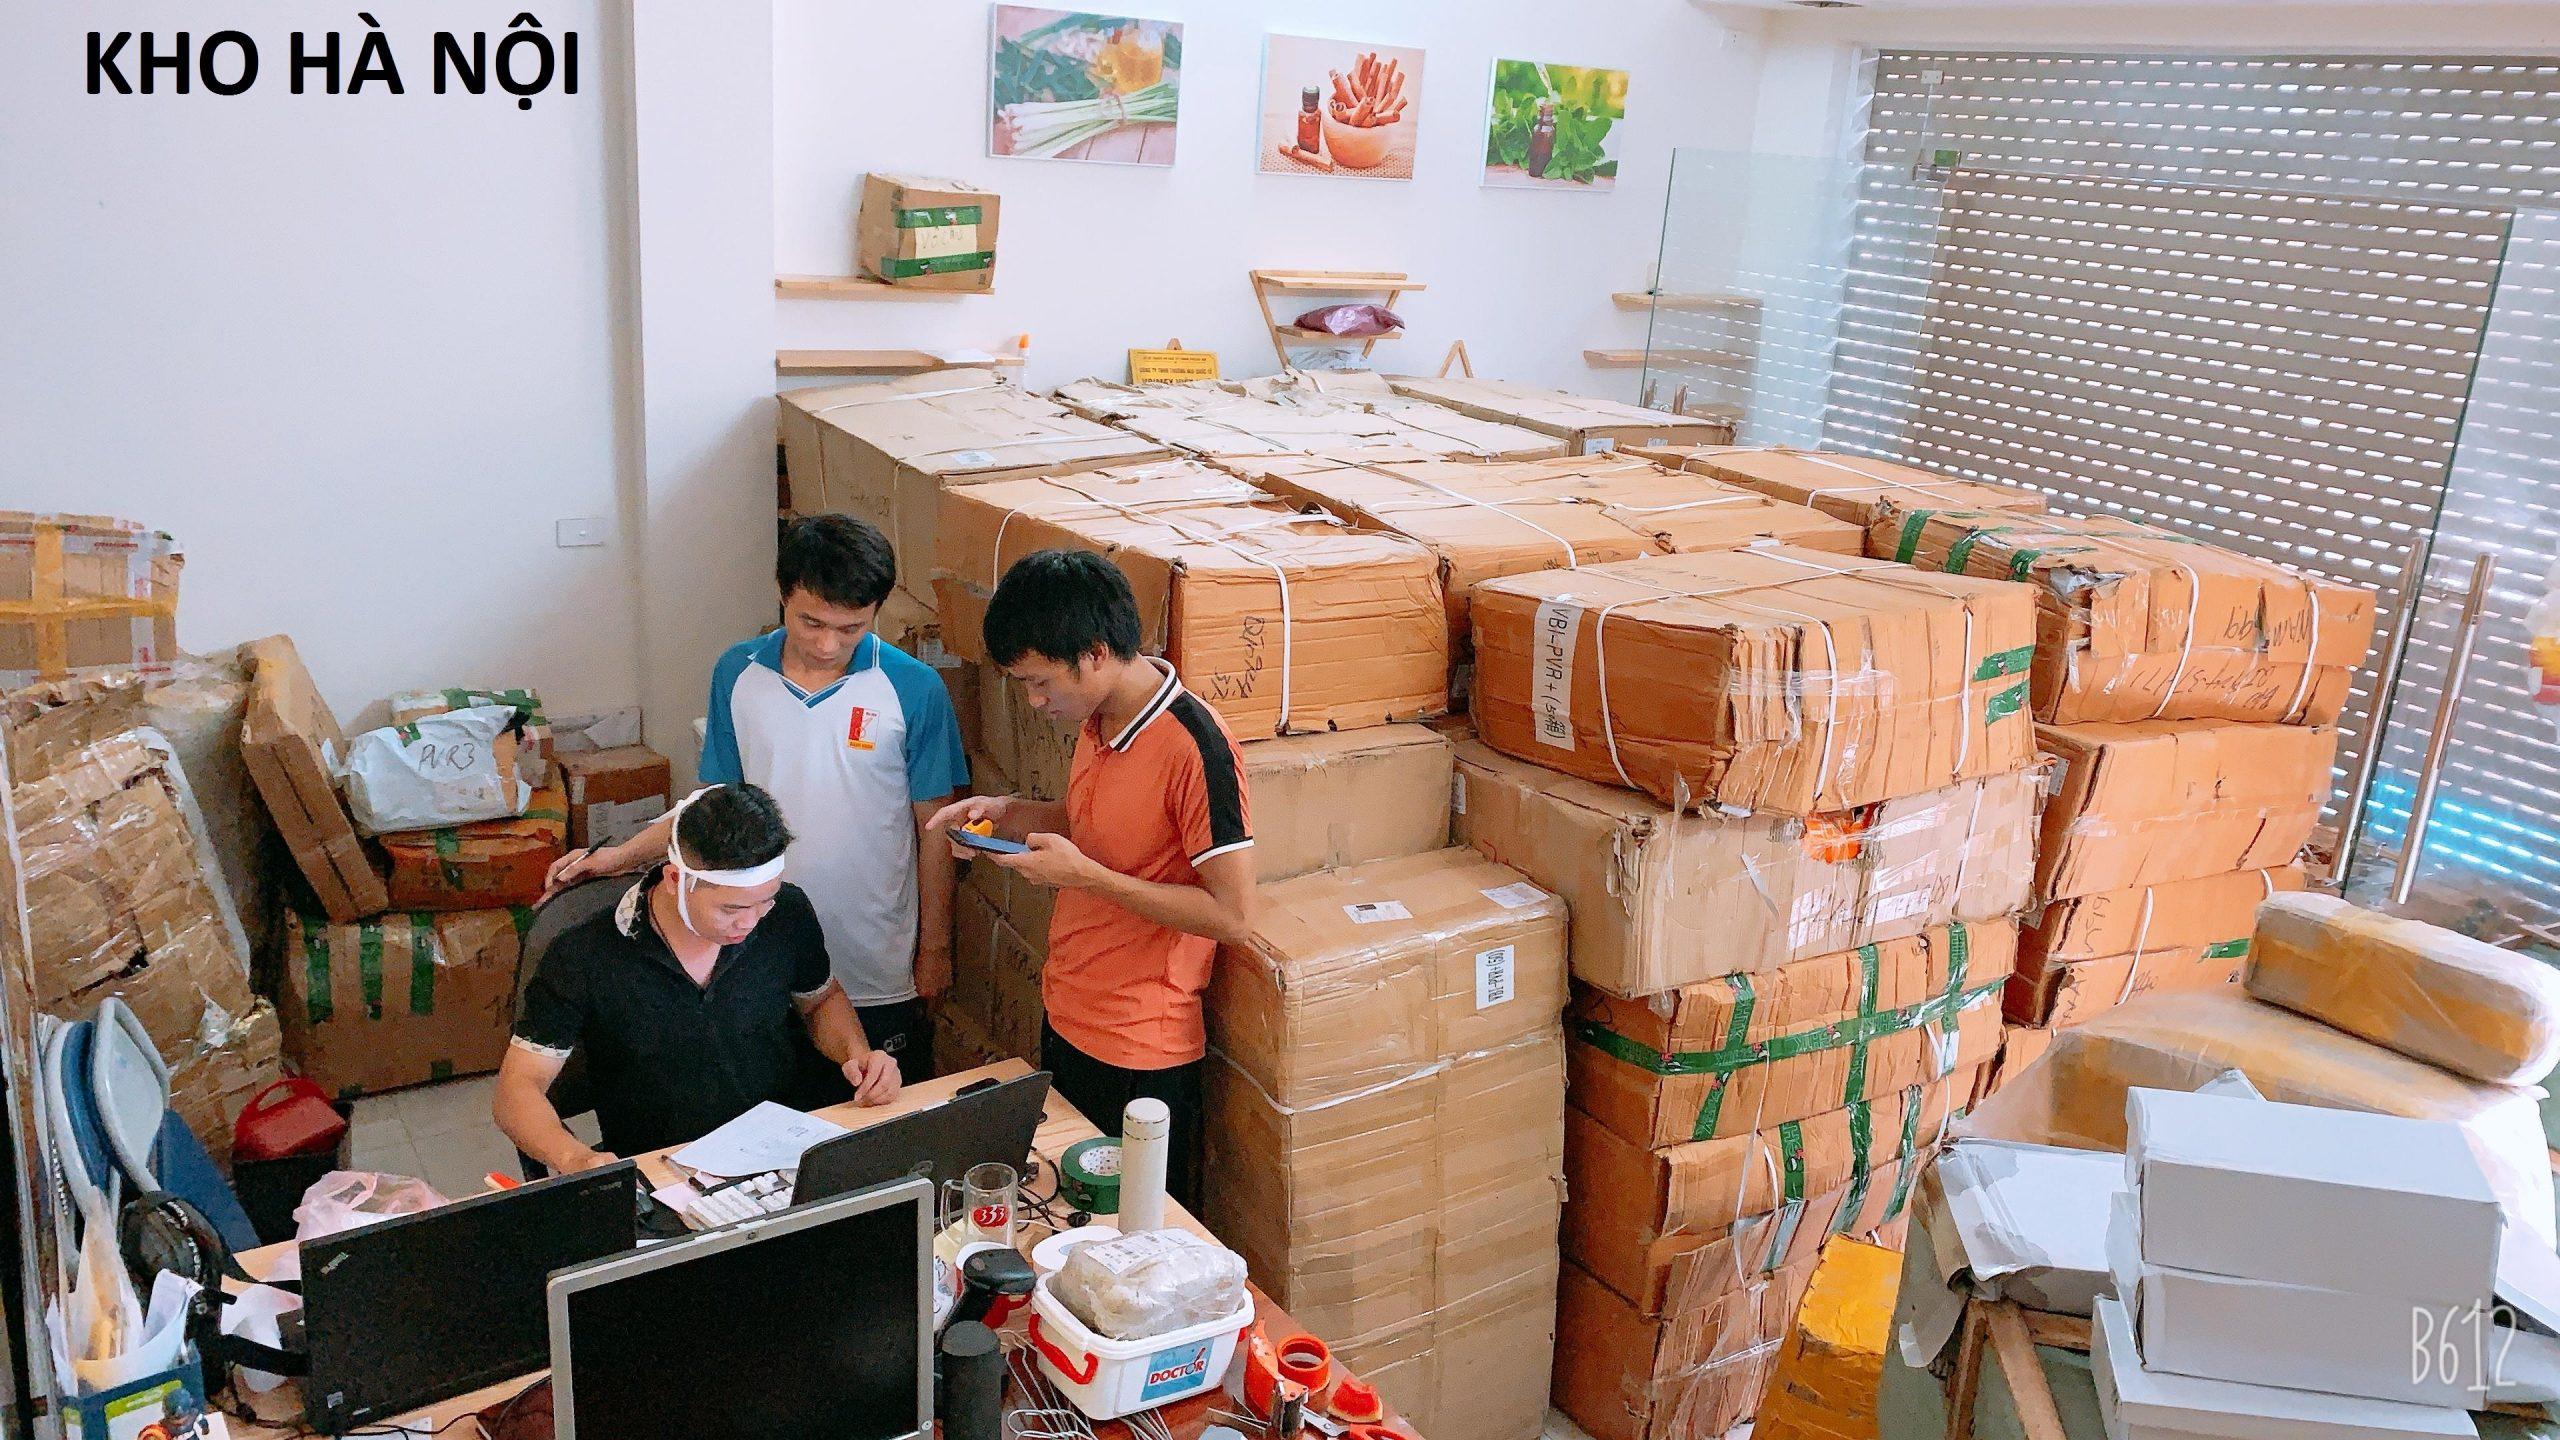 Vận chuyển và order hàng